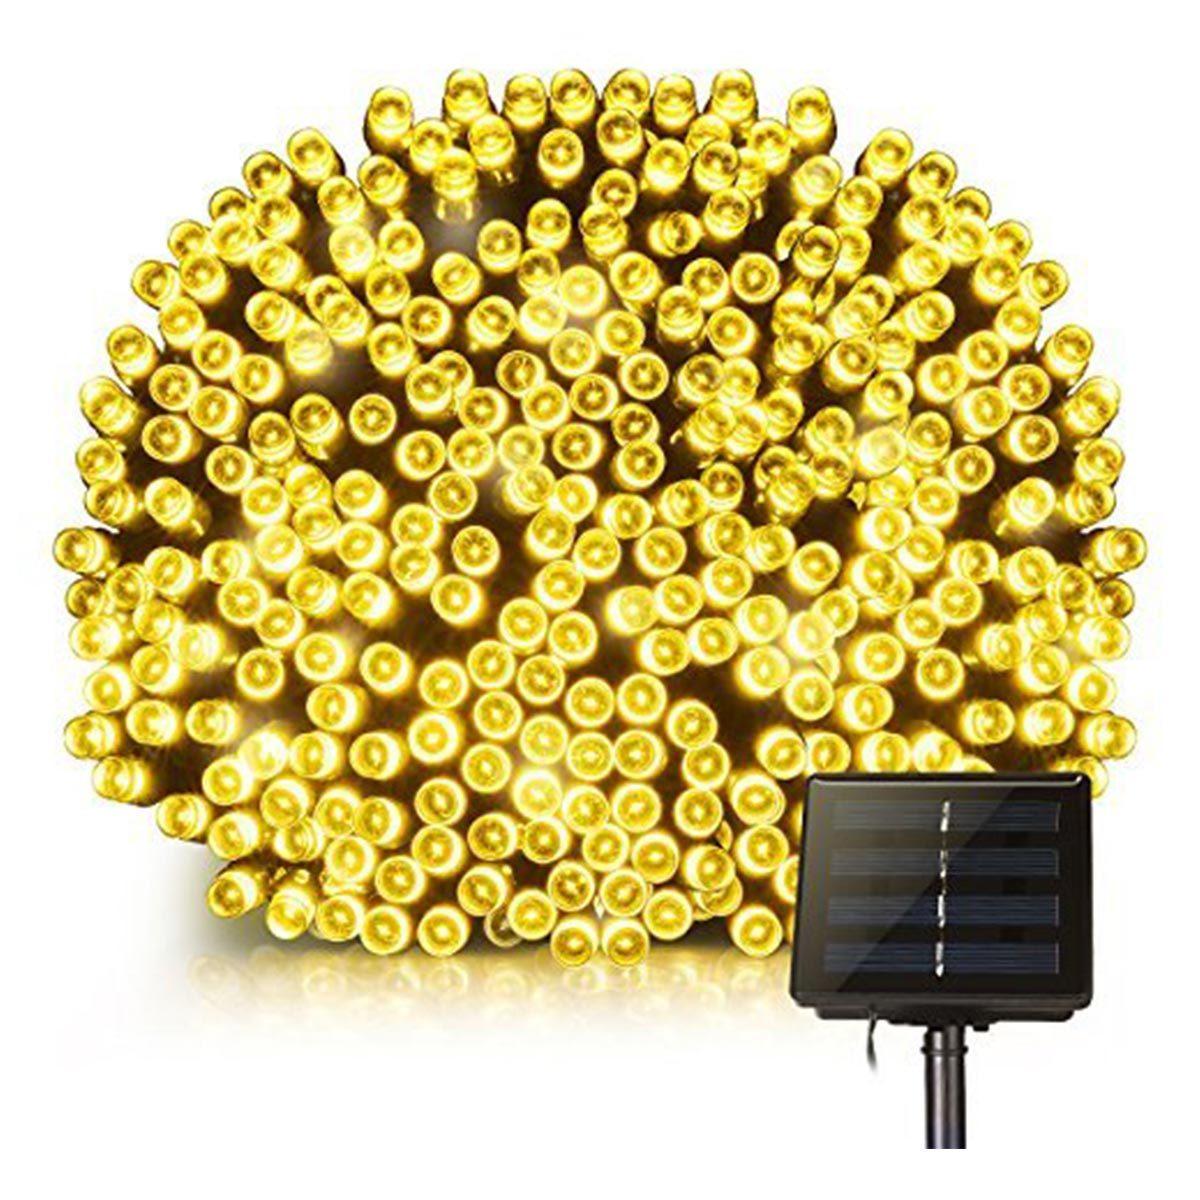 Guirlande solaire 400 leds plastique noir 33.90m